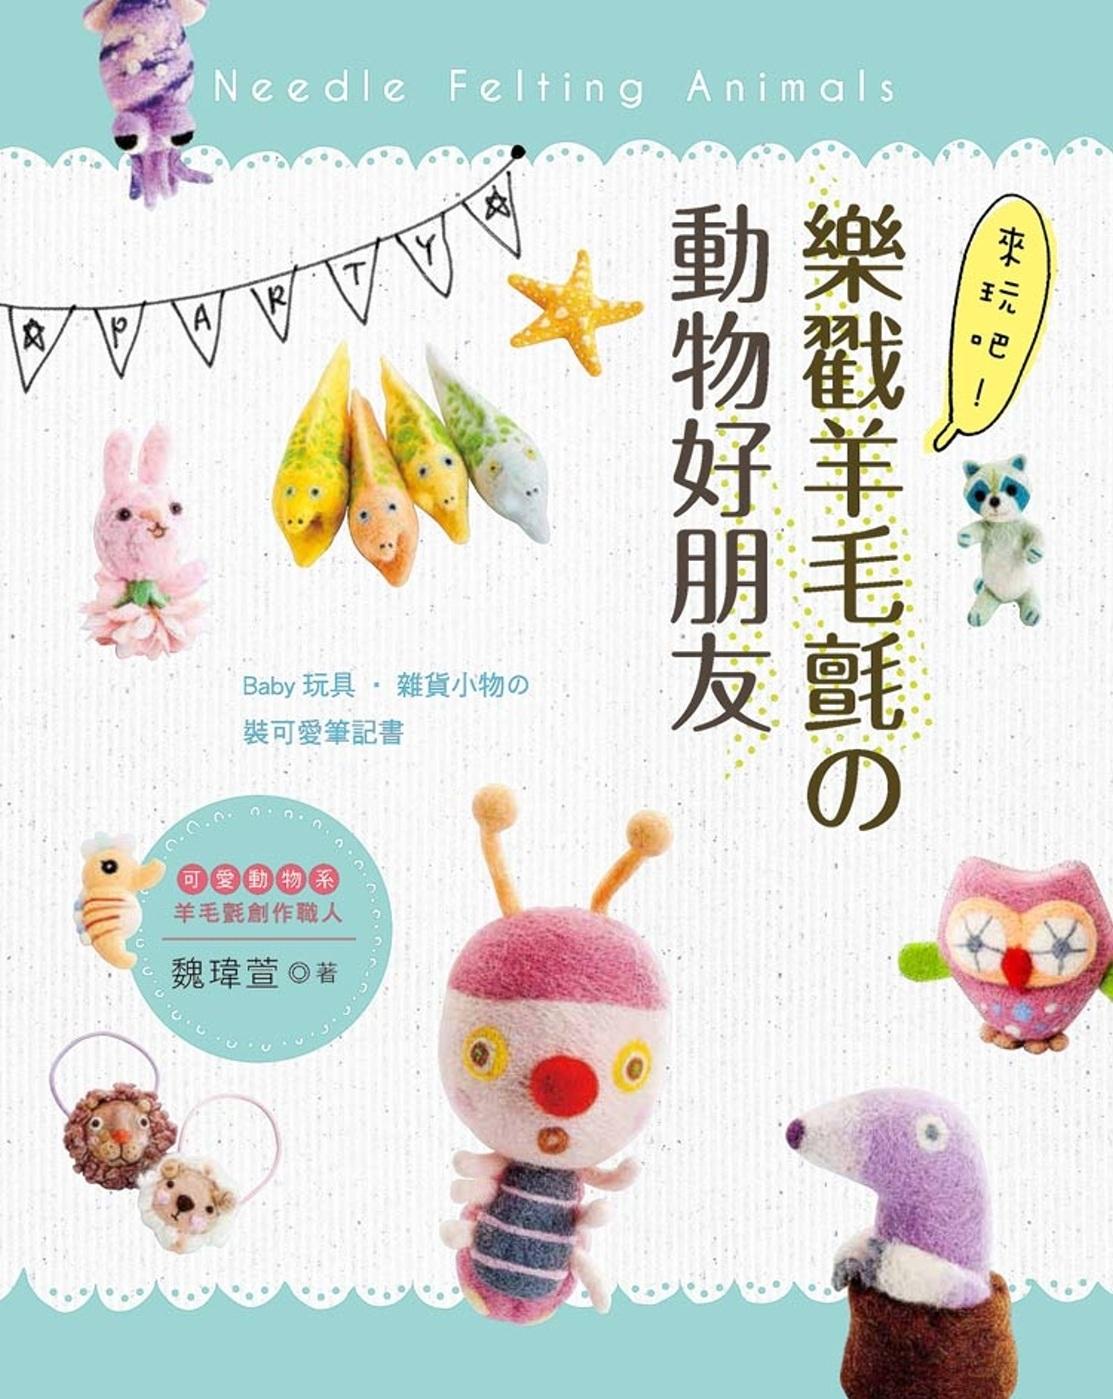 來玩吧^!樂戳羊毛氈の動物好朋友:Baby玩具.雜貨小物の裝可愛筆記書